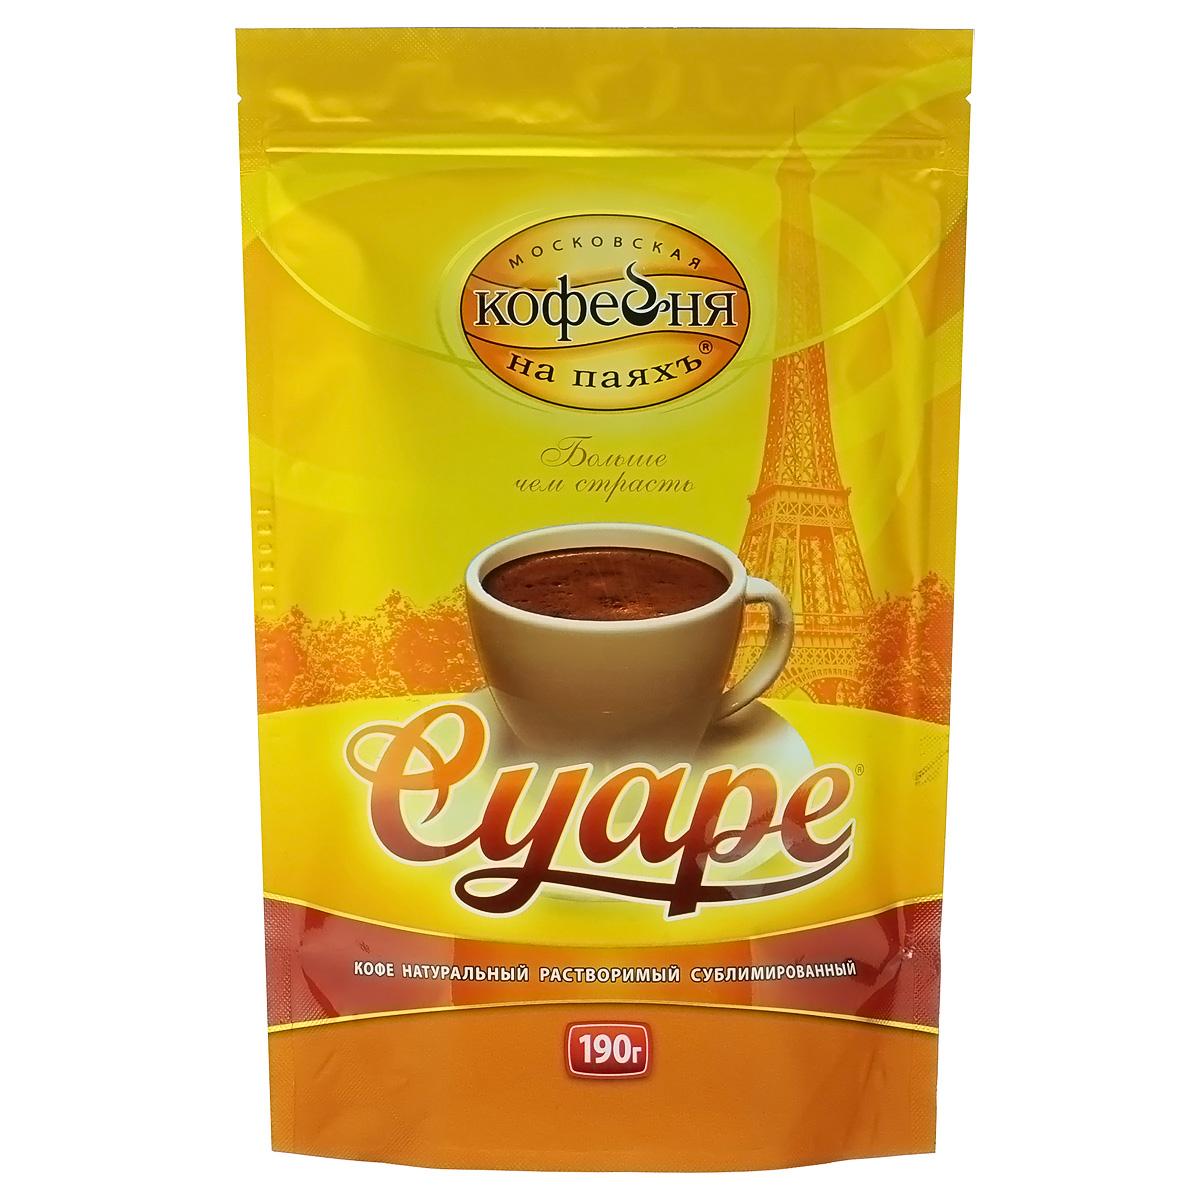 Московская кофейня на паяхъ Суаре кофе растворимый, пакет 190 г